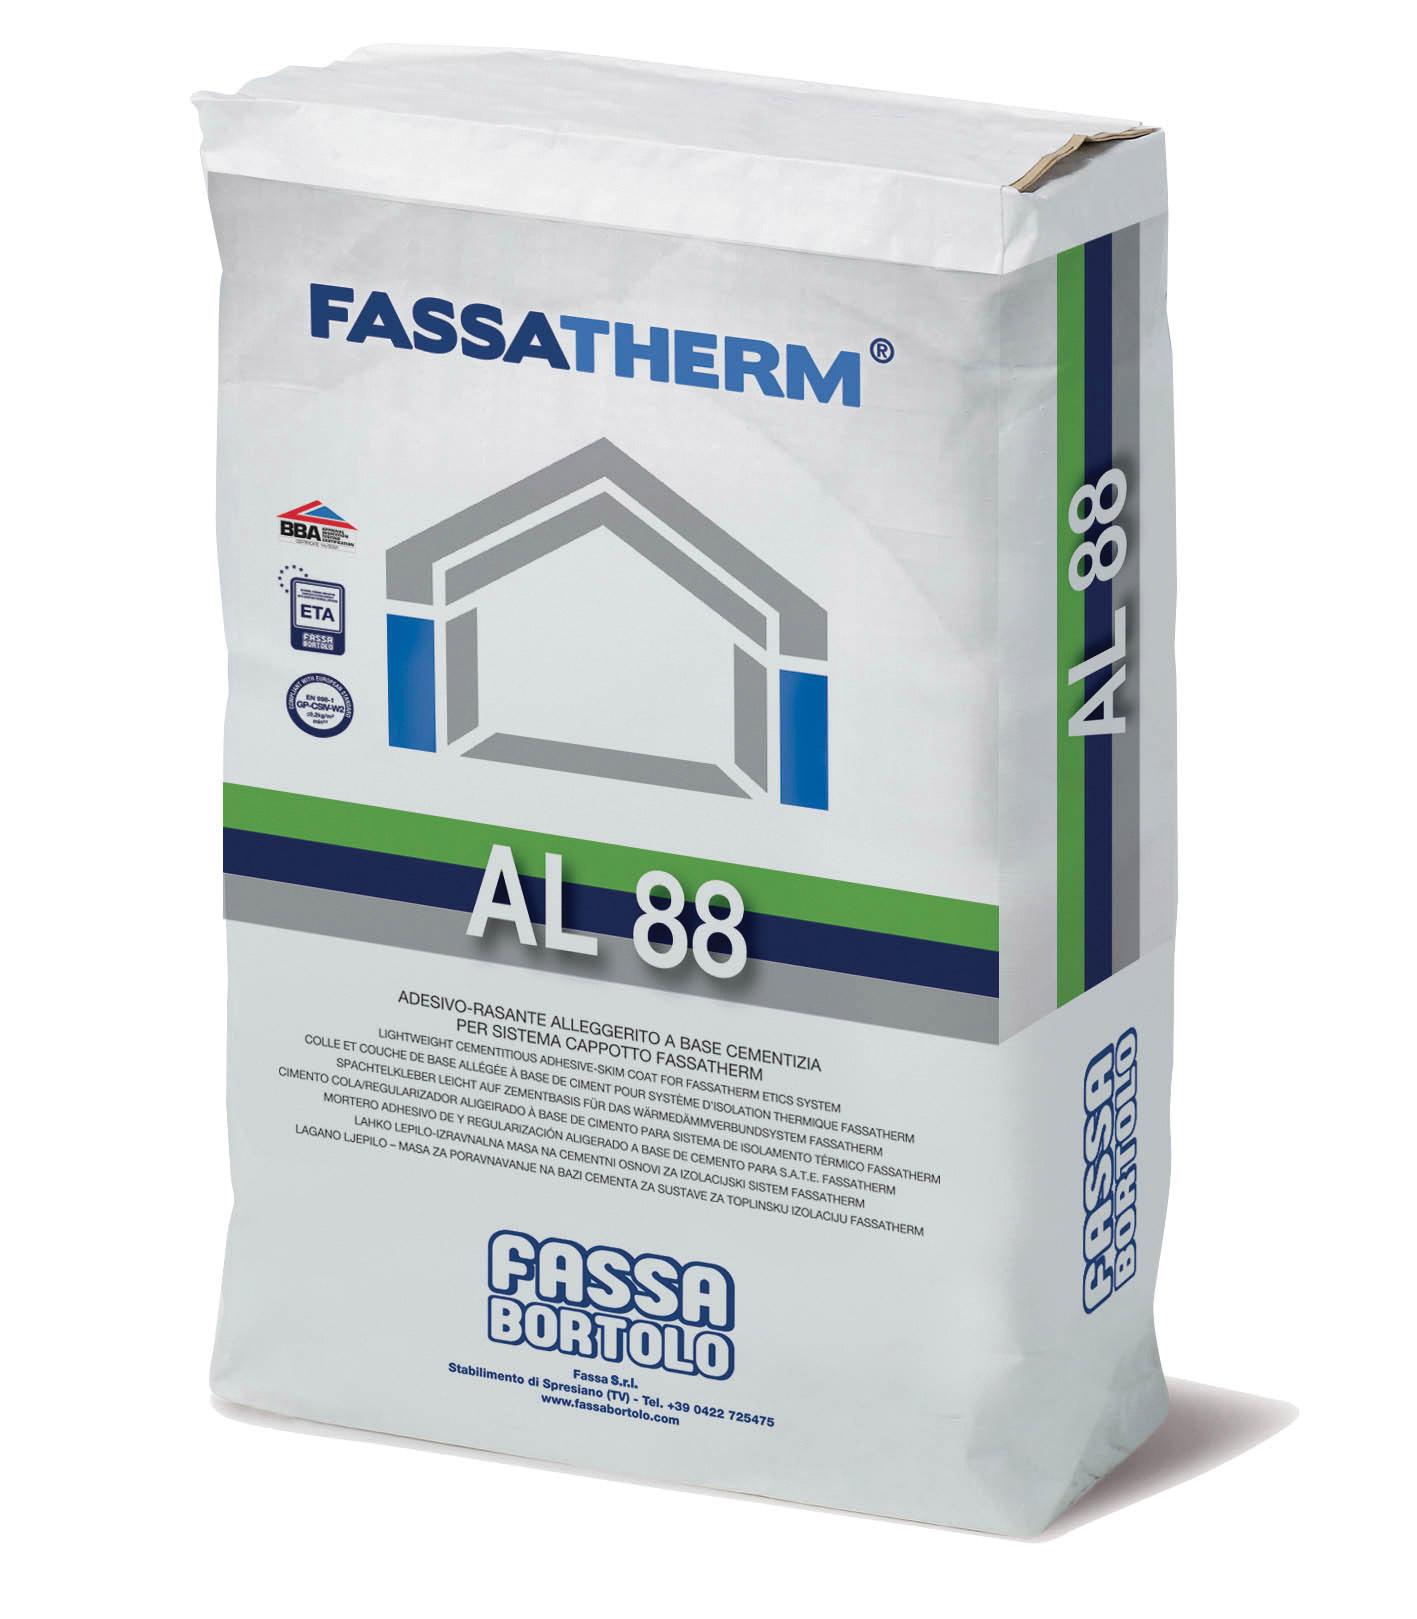 AL 88: Collante-Rasante alleggerito a base cementizia bianco per Sistemi Fassatherm®